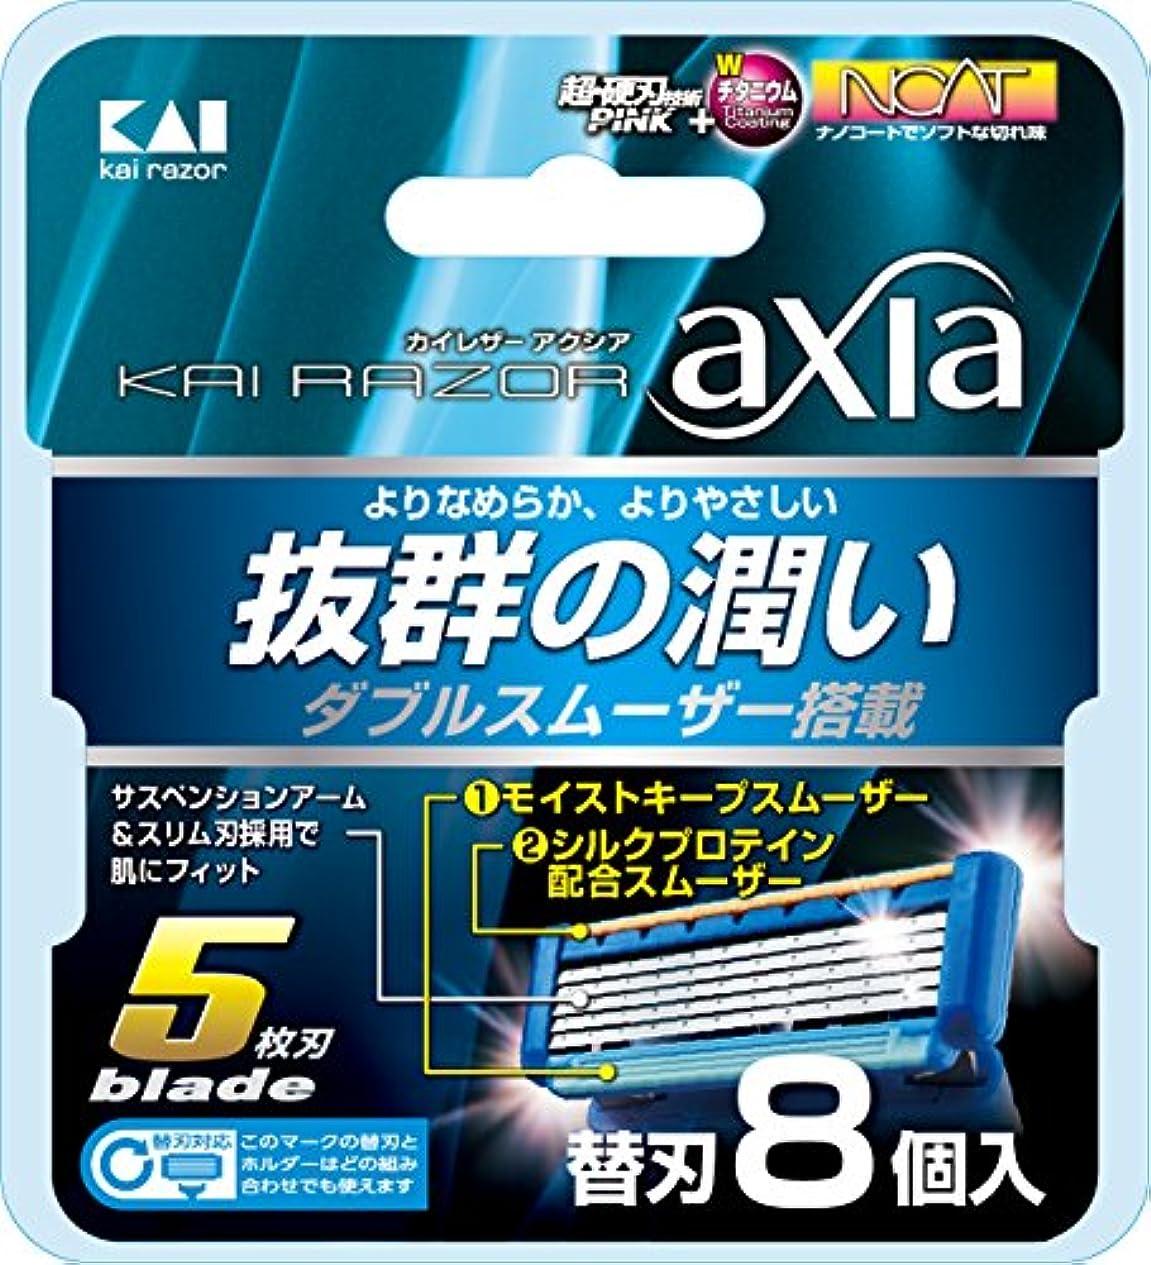 滅びる練習した用心するKAI RAZOR axia(カイ レザー アクシア)5枚刃 替刃 8個入